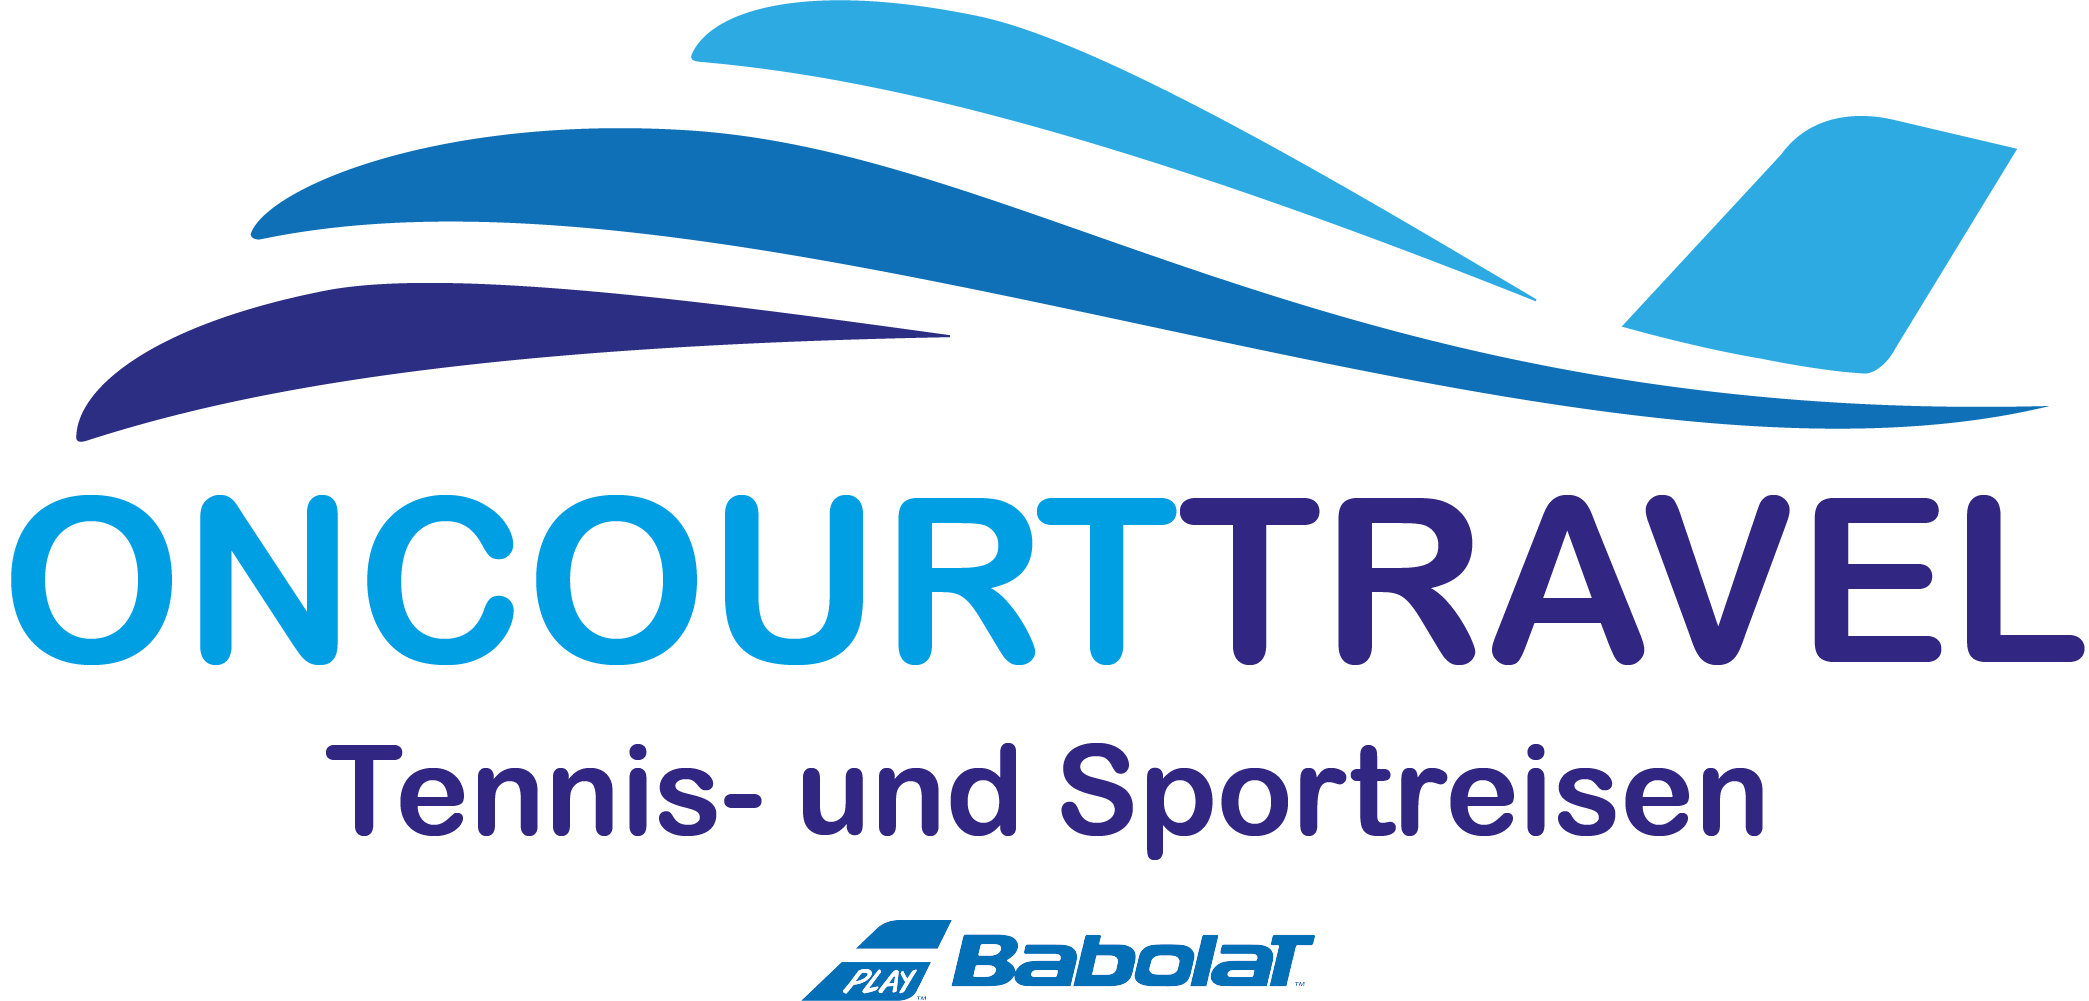 Tennis- und Sportreisen